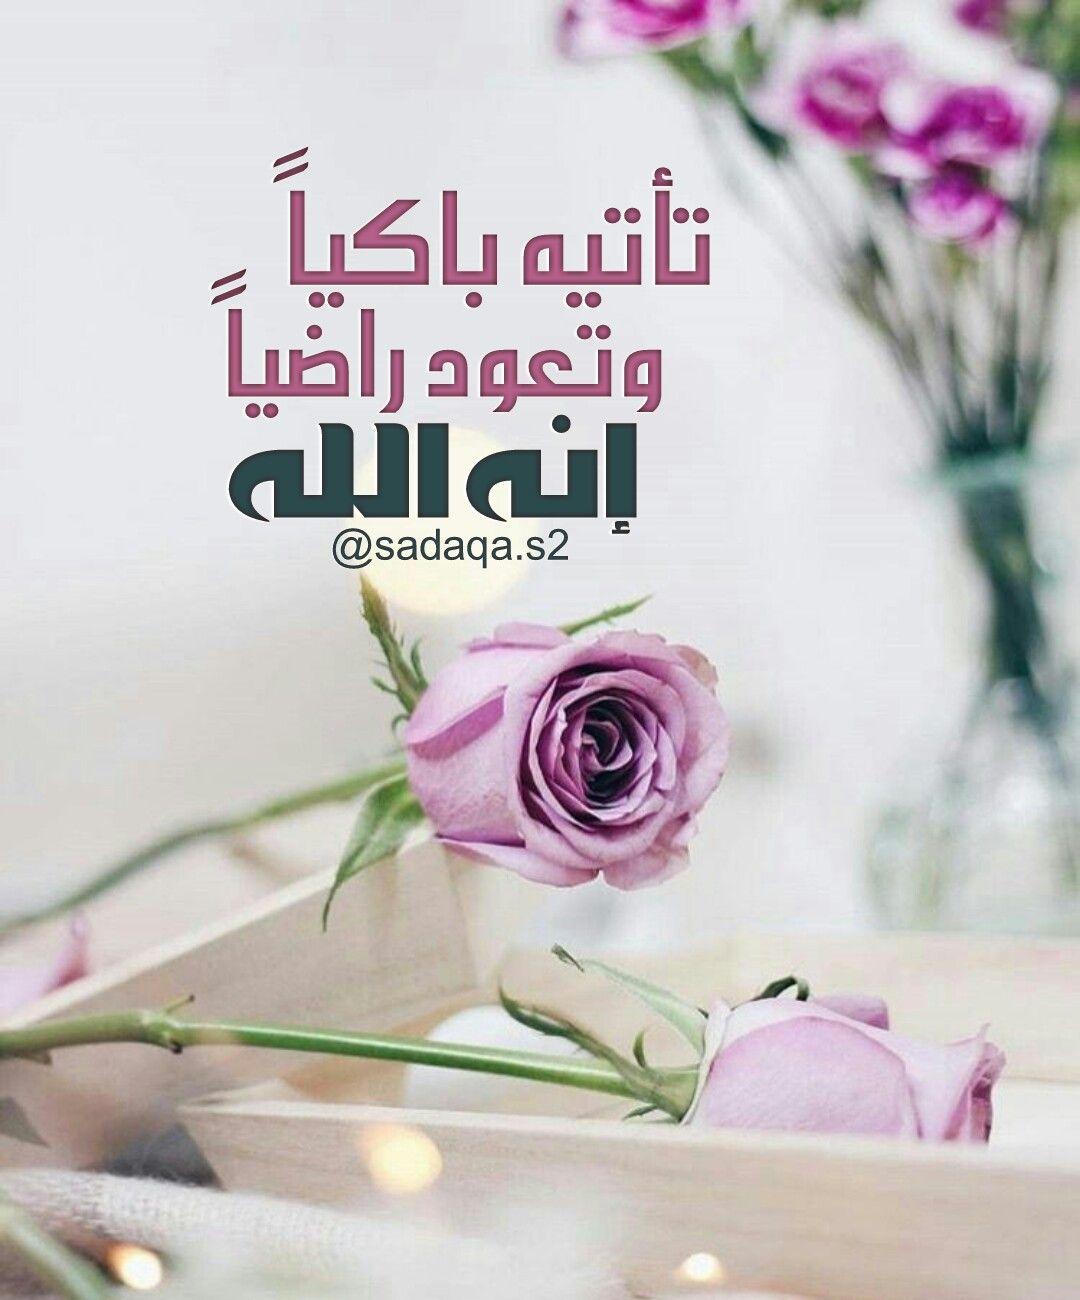 Pin By Um Ahmad On الصباح والمساء Allah